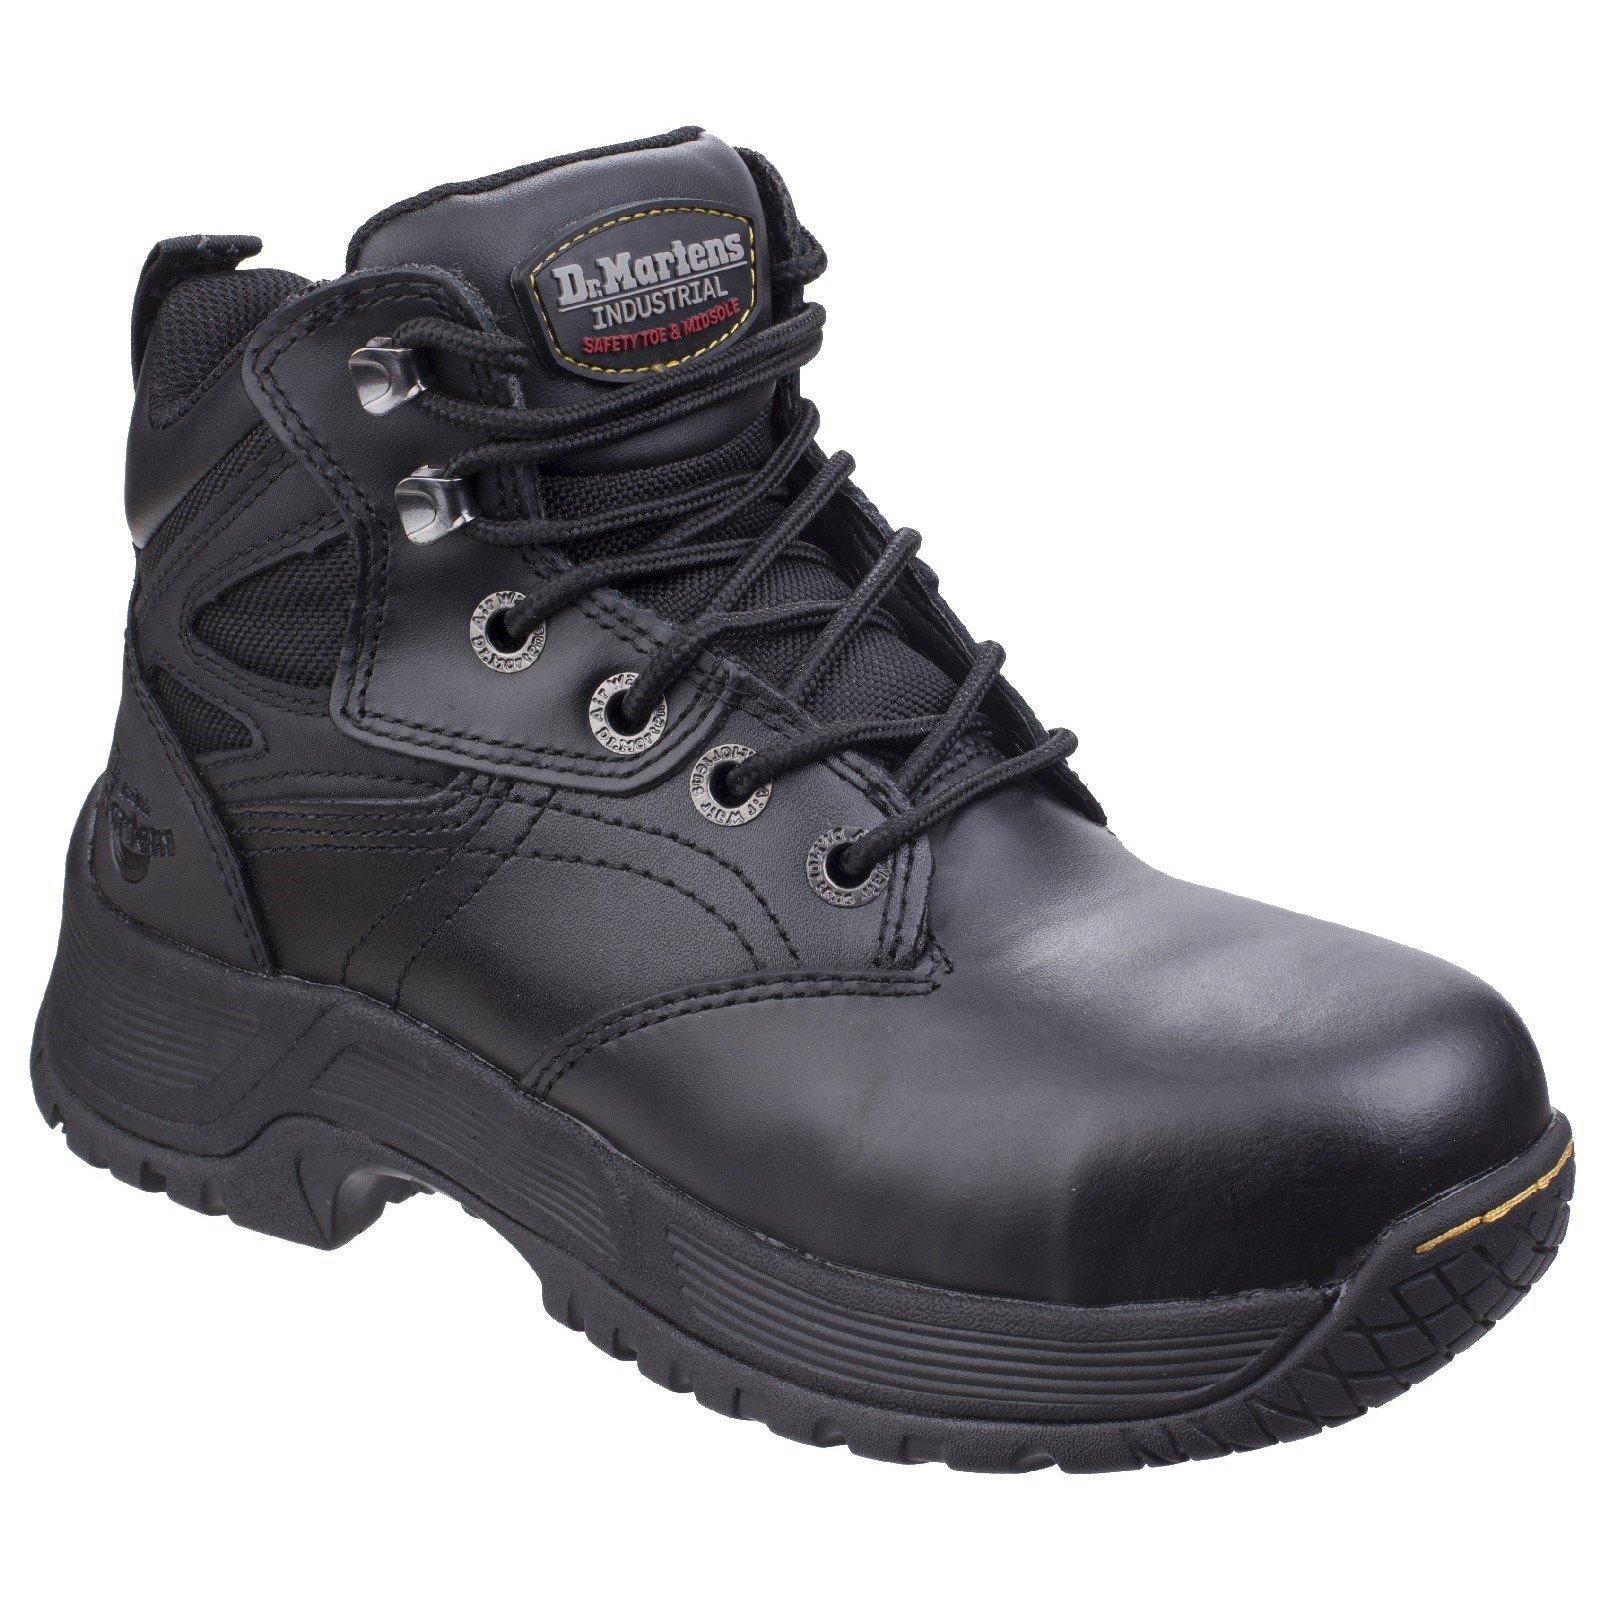 Dr Martens Men's Torness Safety Boot Black 26020 - Black 13